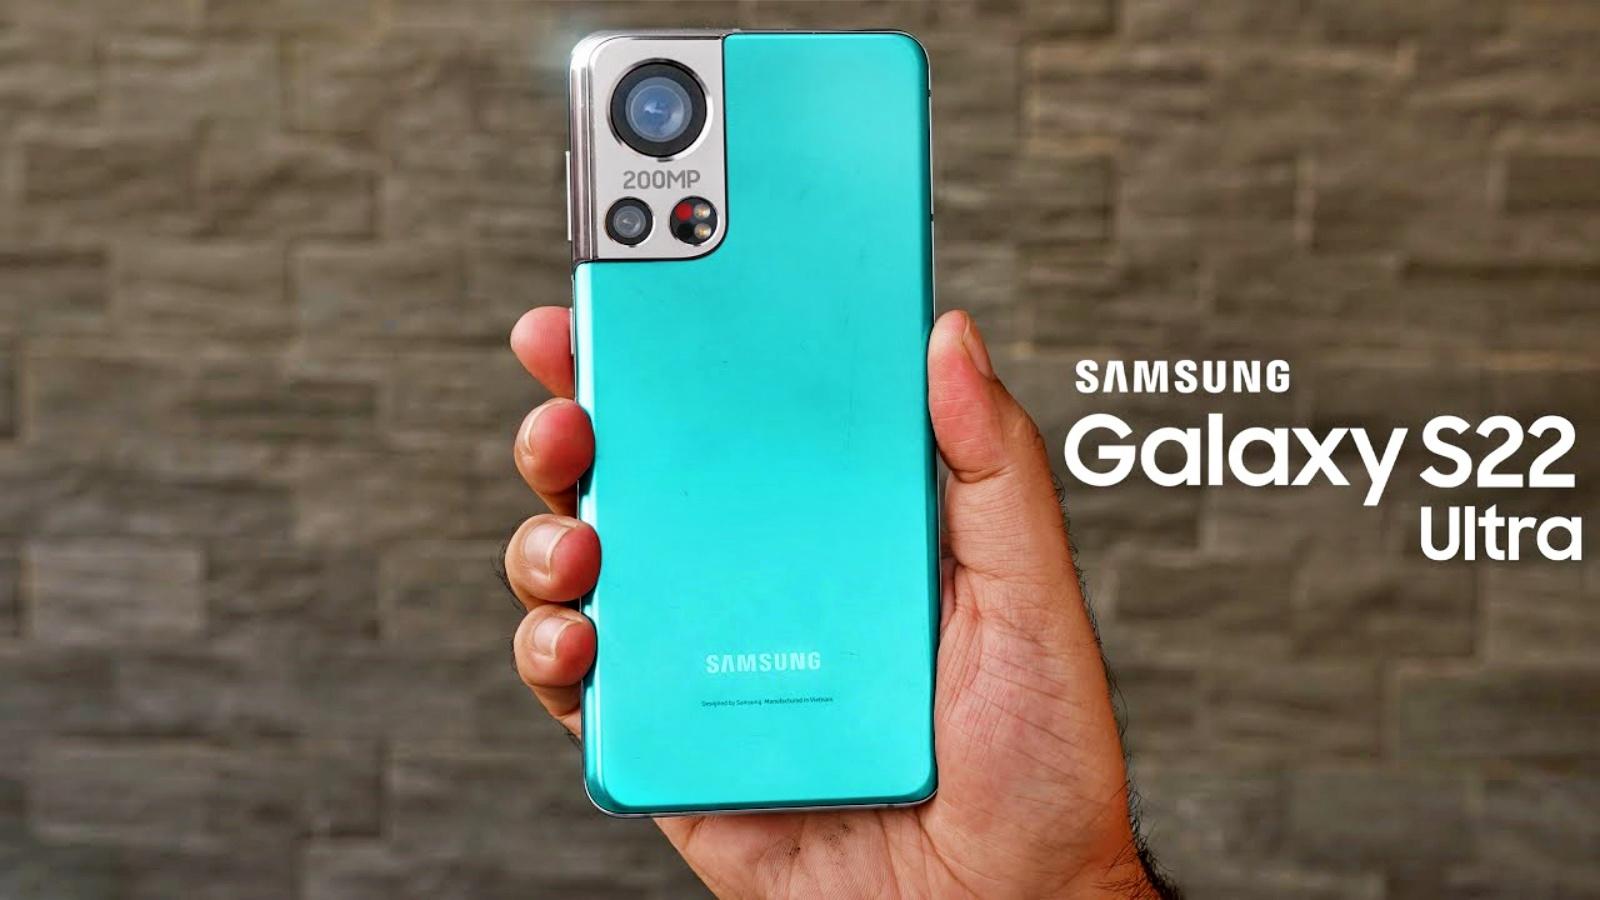 Samsung GALAXY S22 gaming